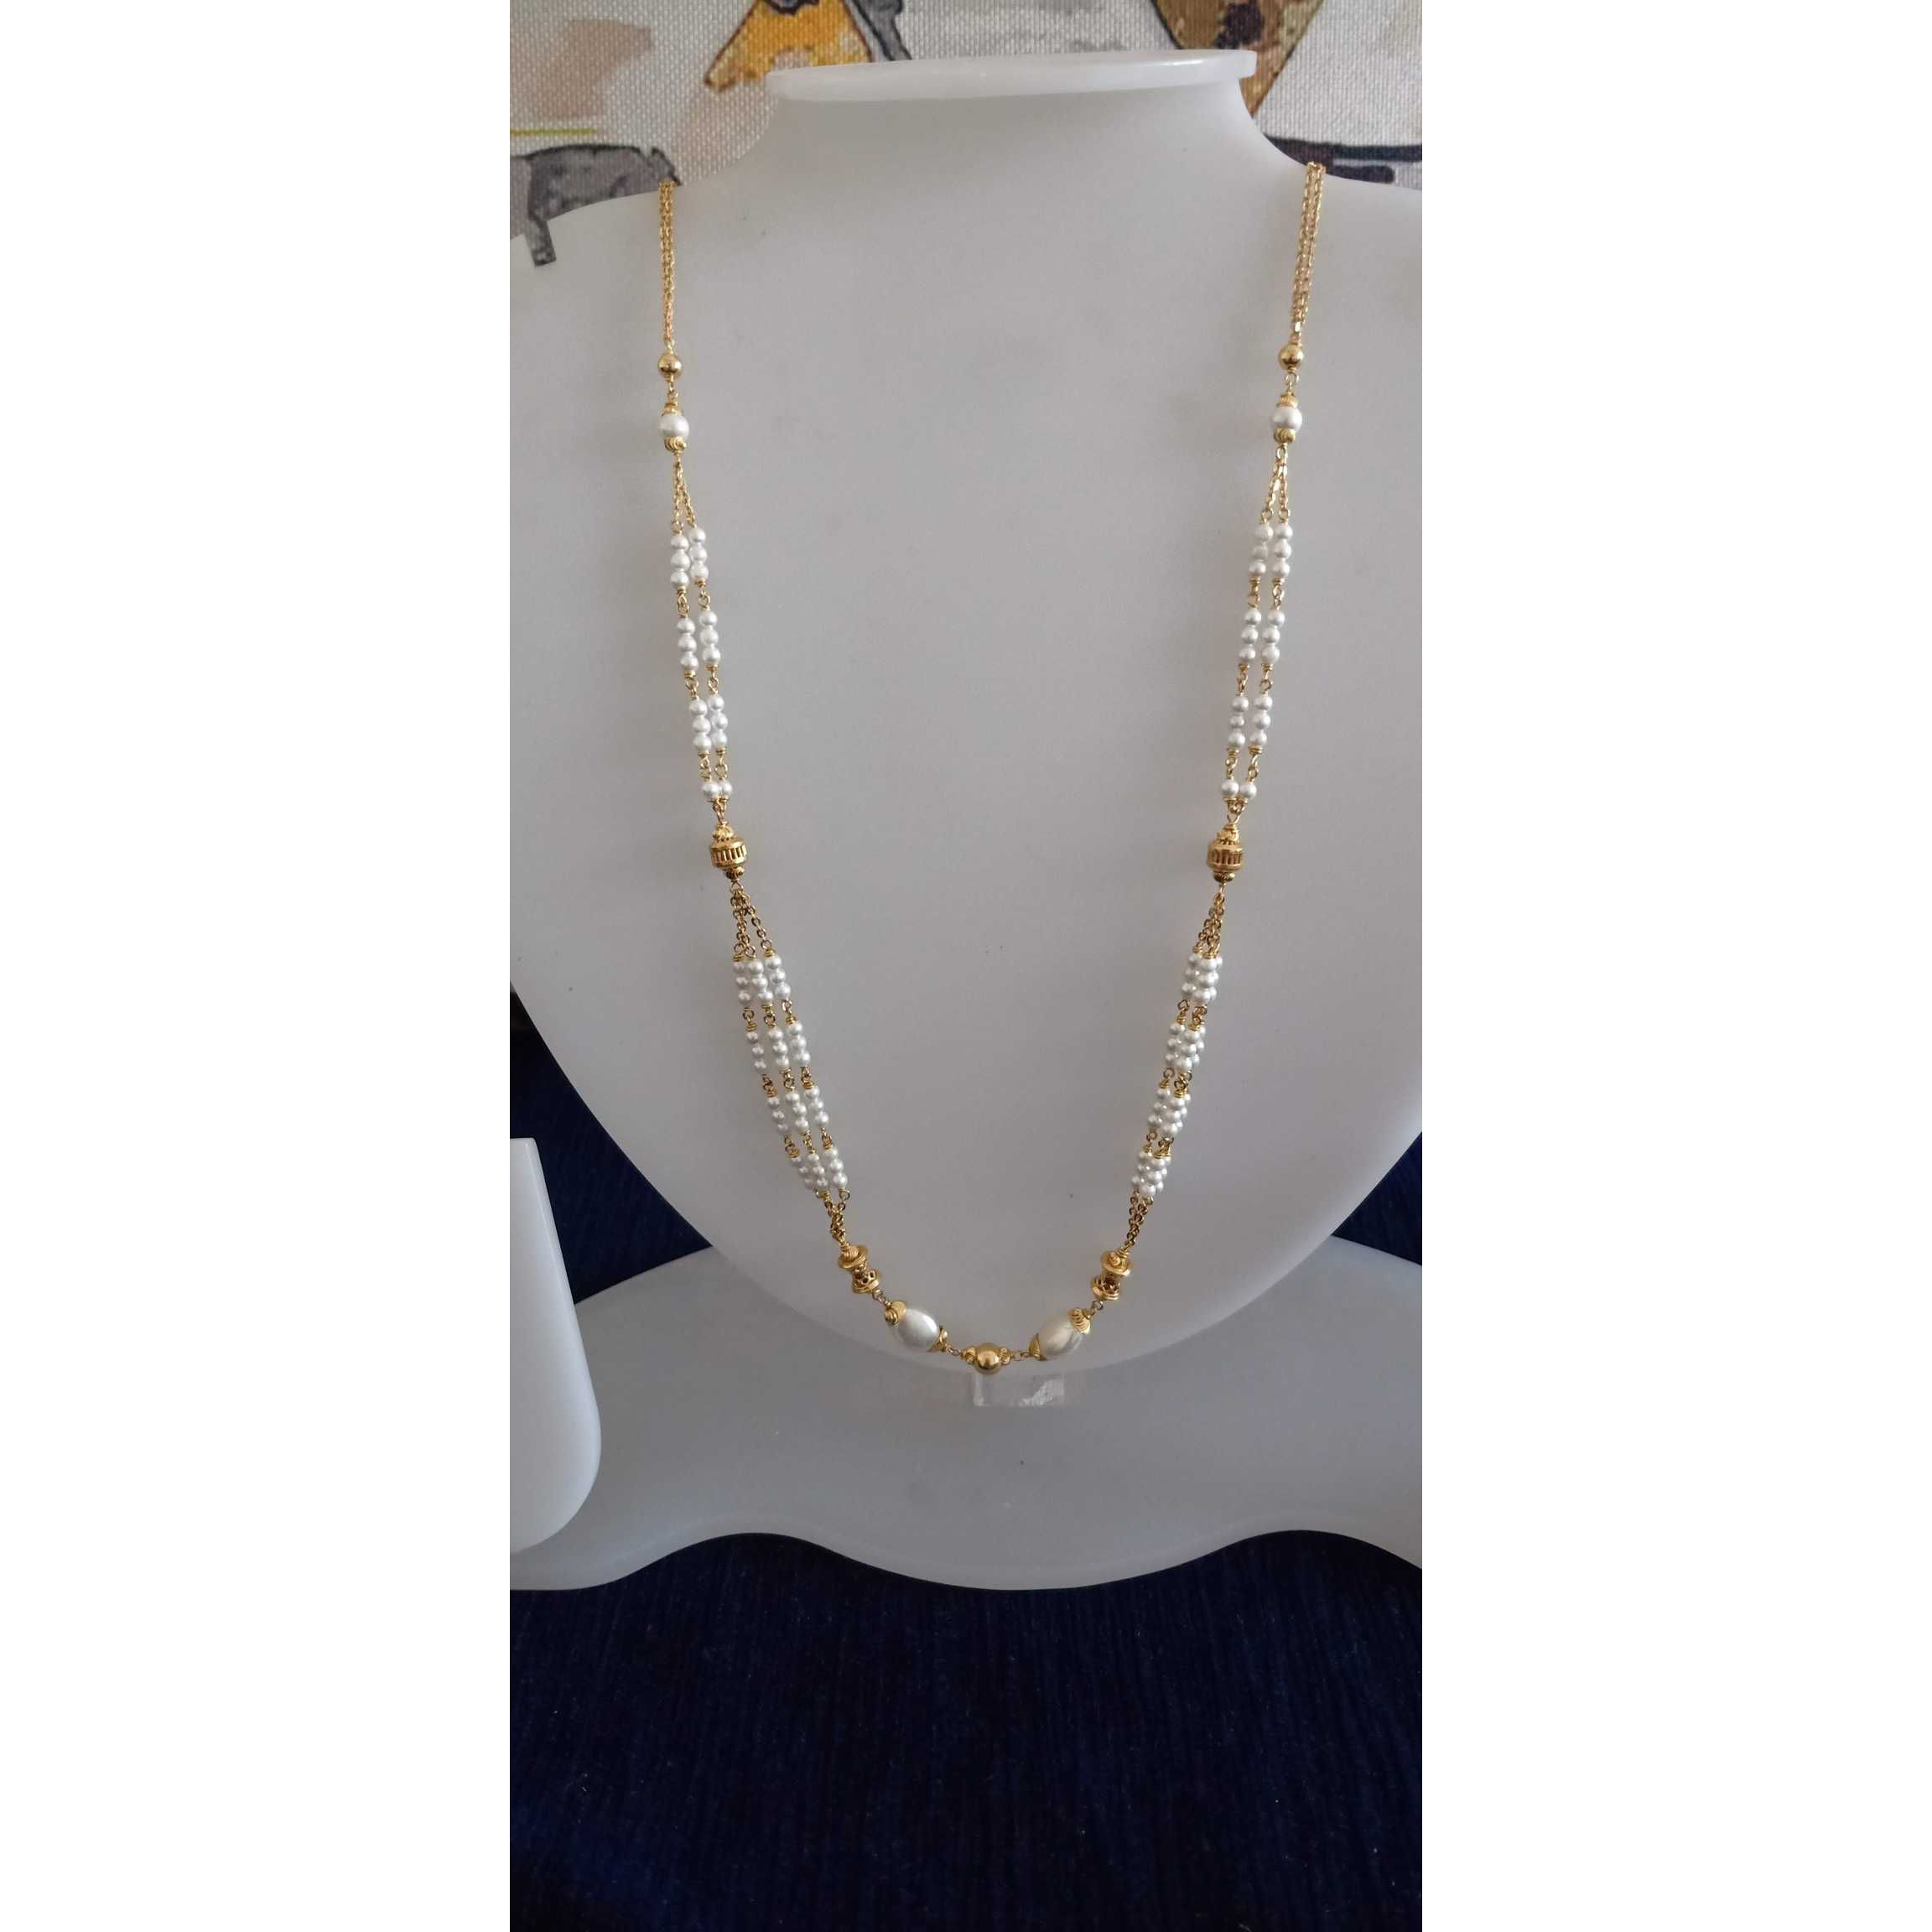 22 Ct Gold Delicate White Pearl Mala